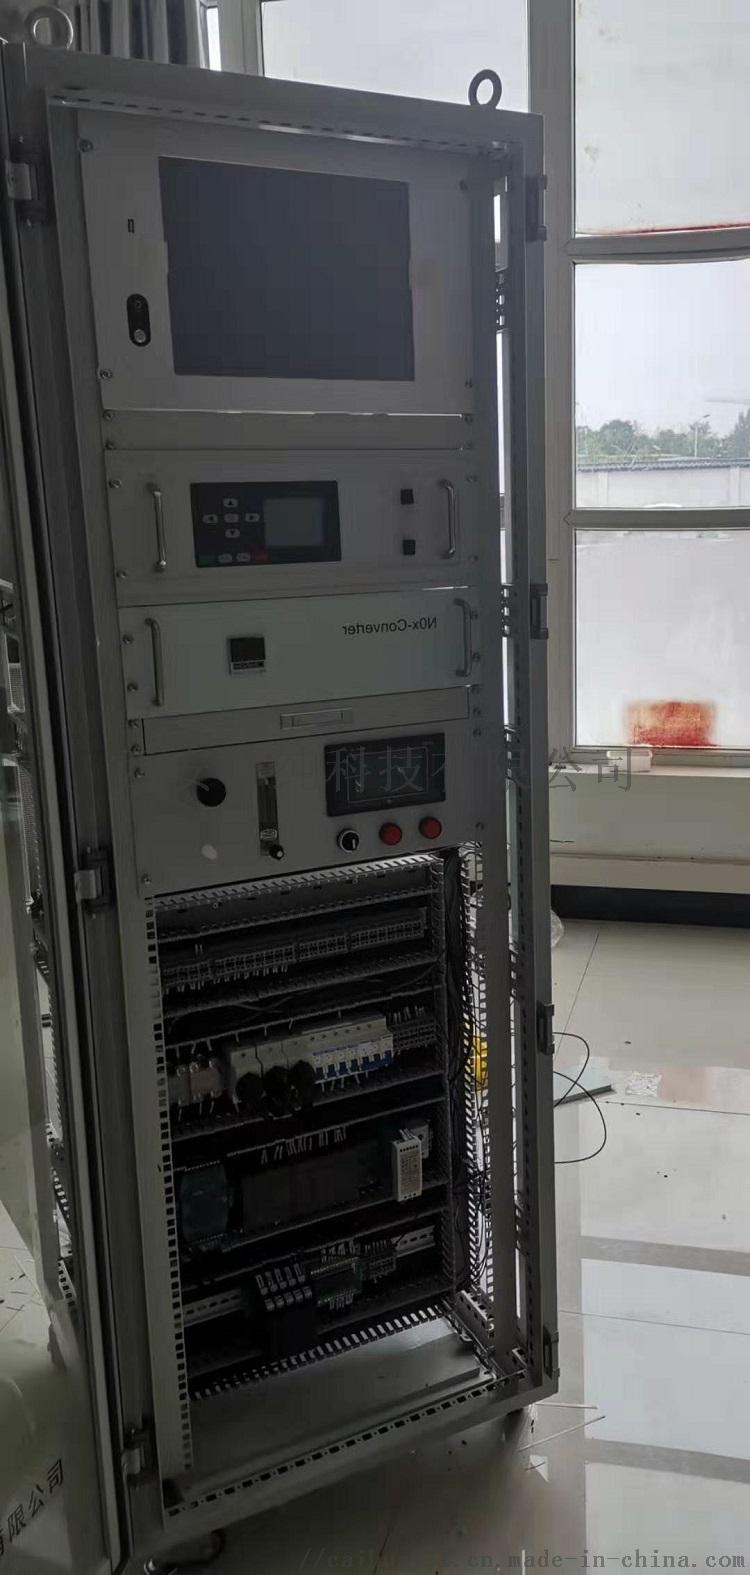 冶金工业气体在线监测设备的应用122841082